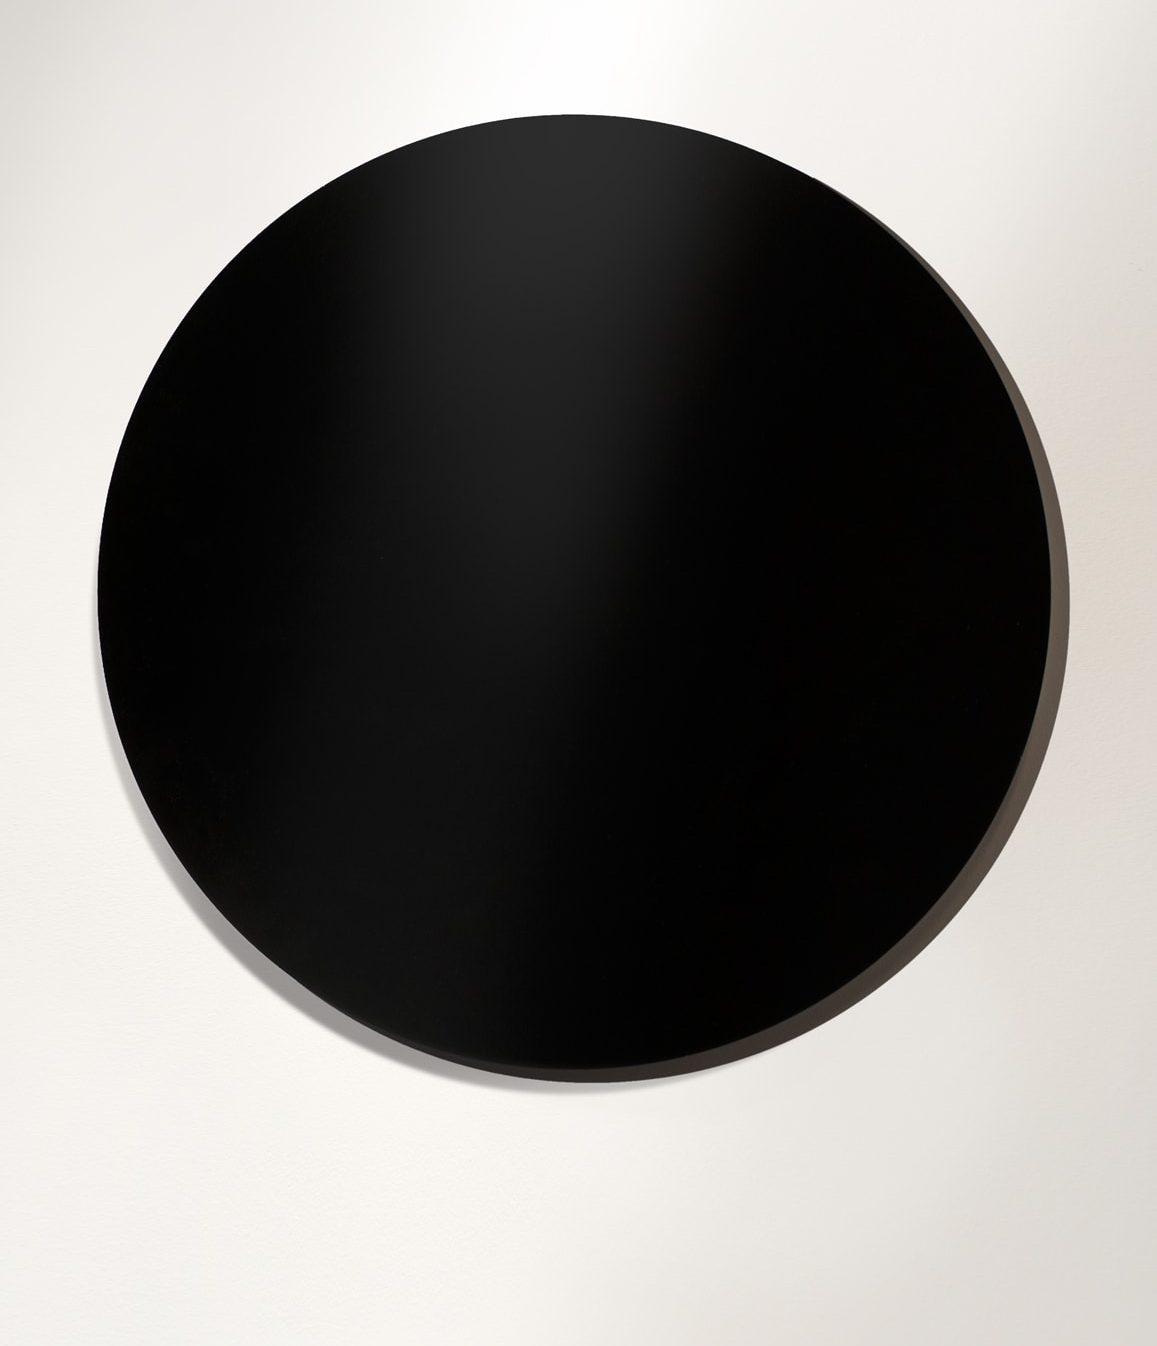 Anatomy of realism_Exhibition_StefanKnezevic_Shonski_Light